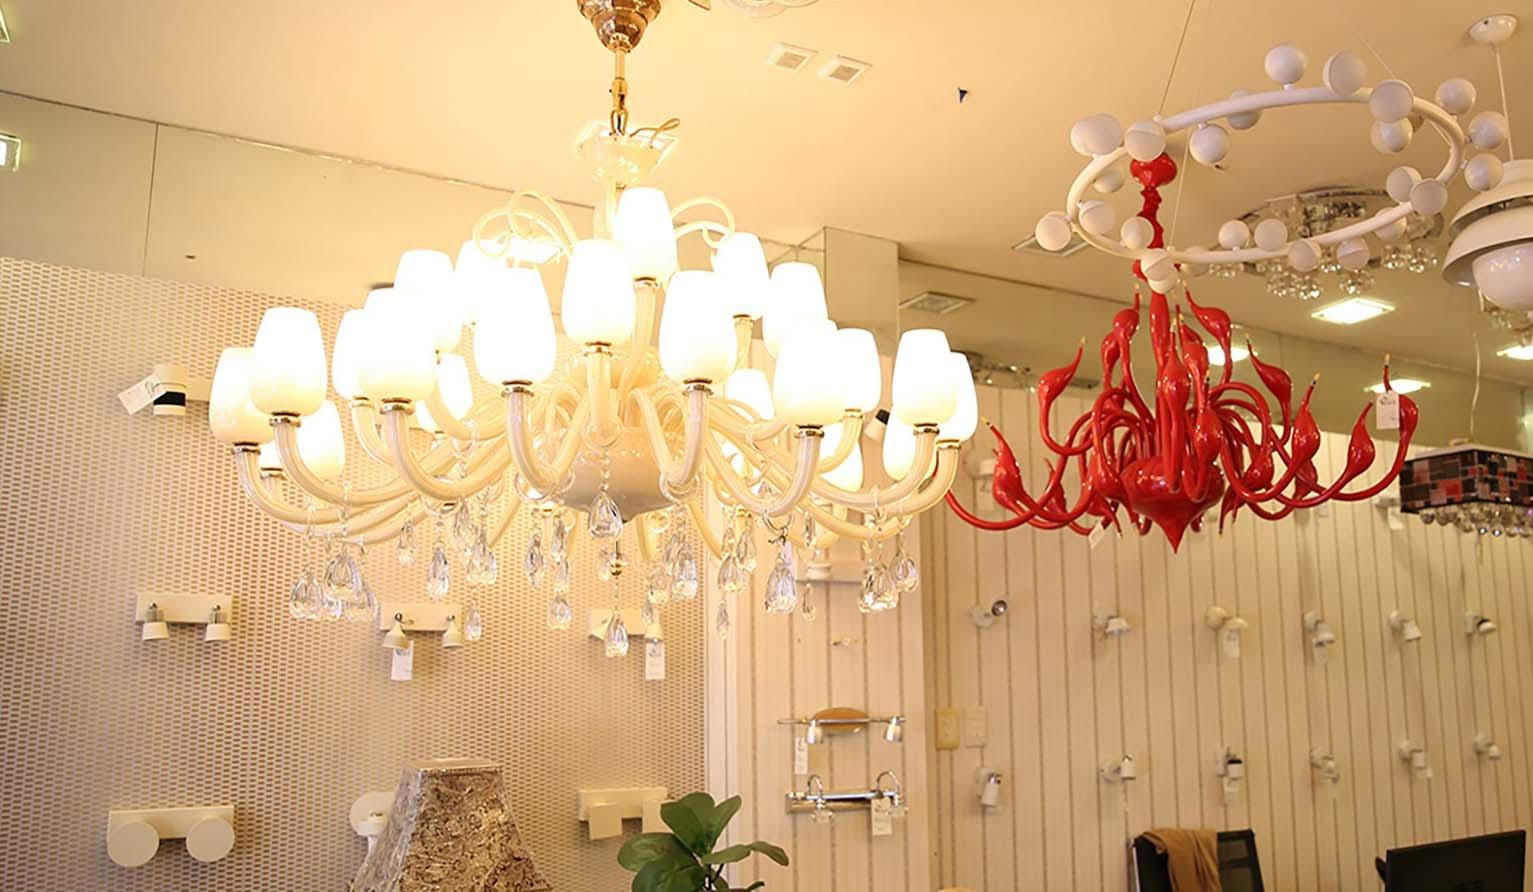 Những mẫu đèn trang trí - skyled được nhiều người lựa chọn hiện nay